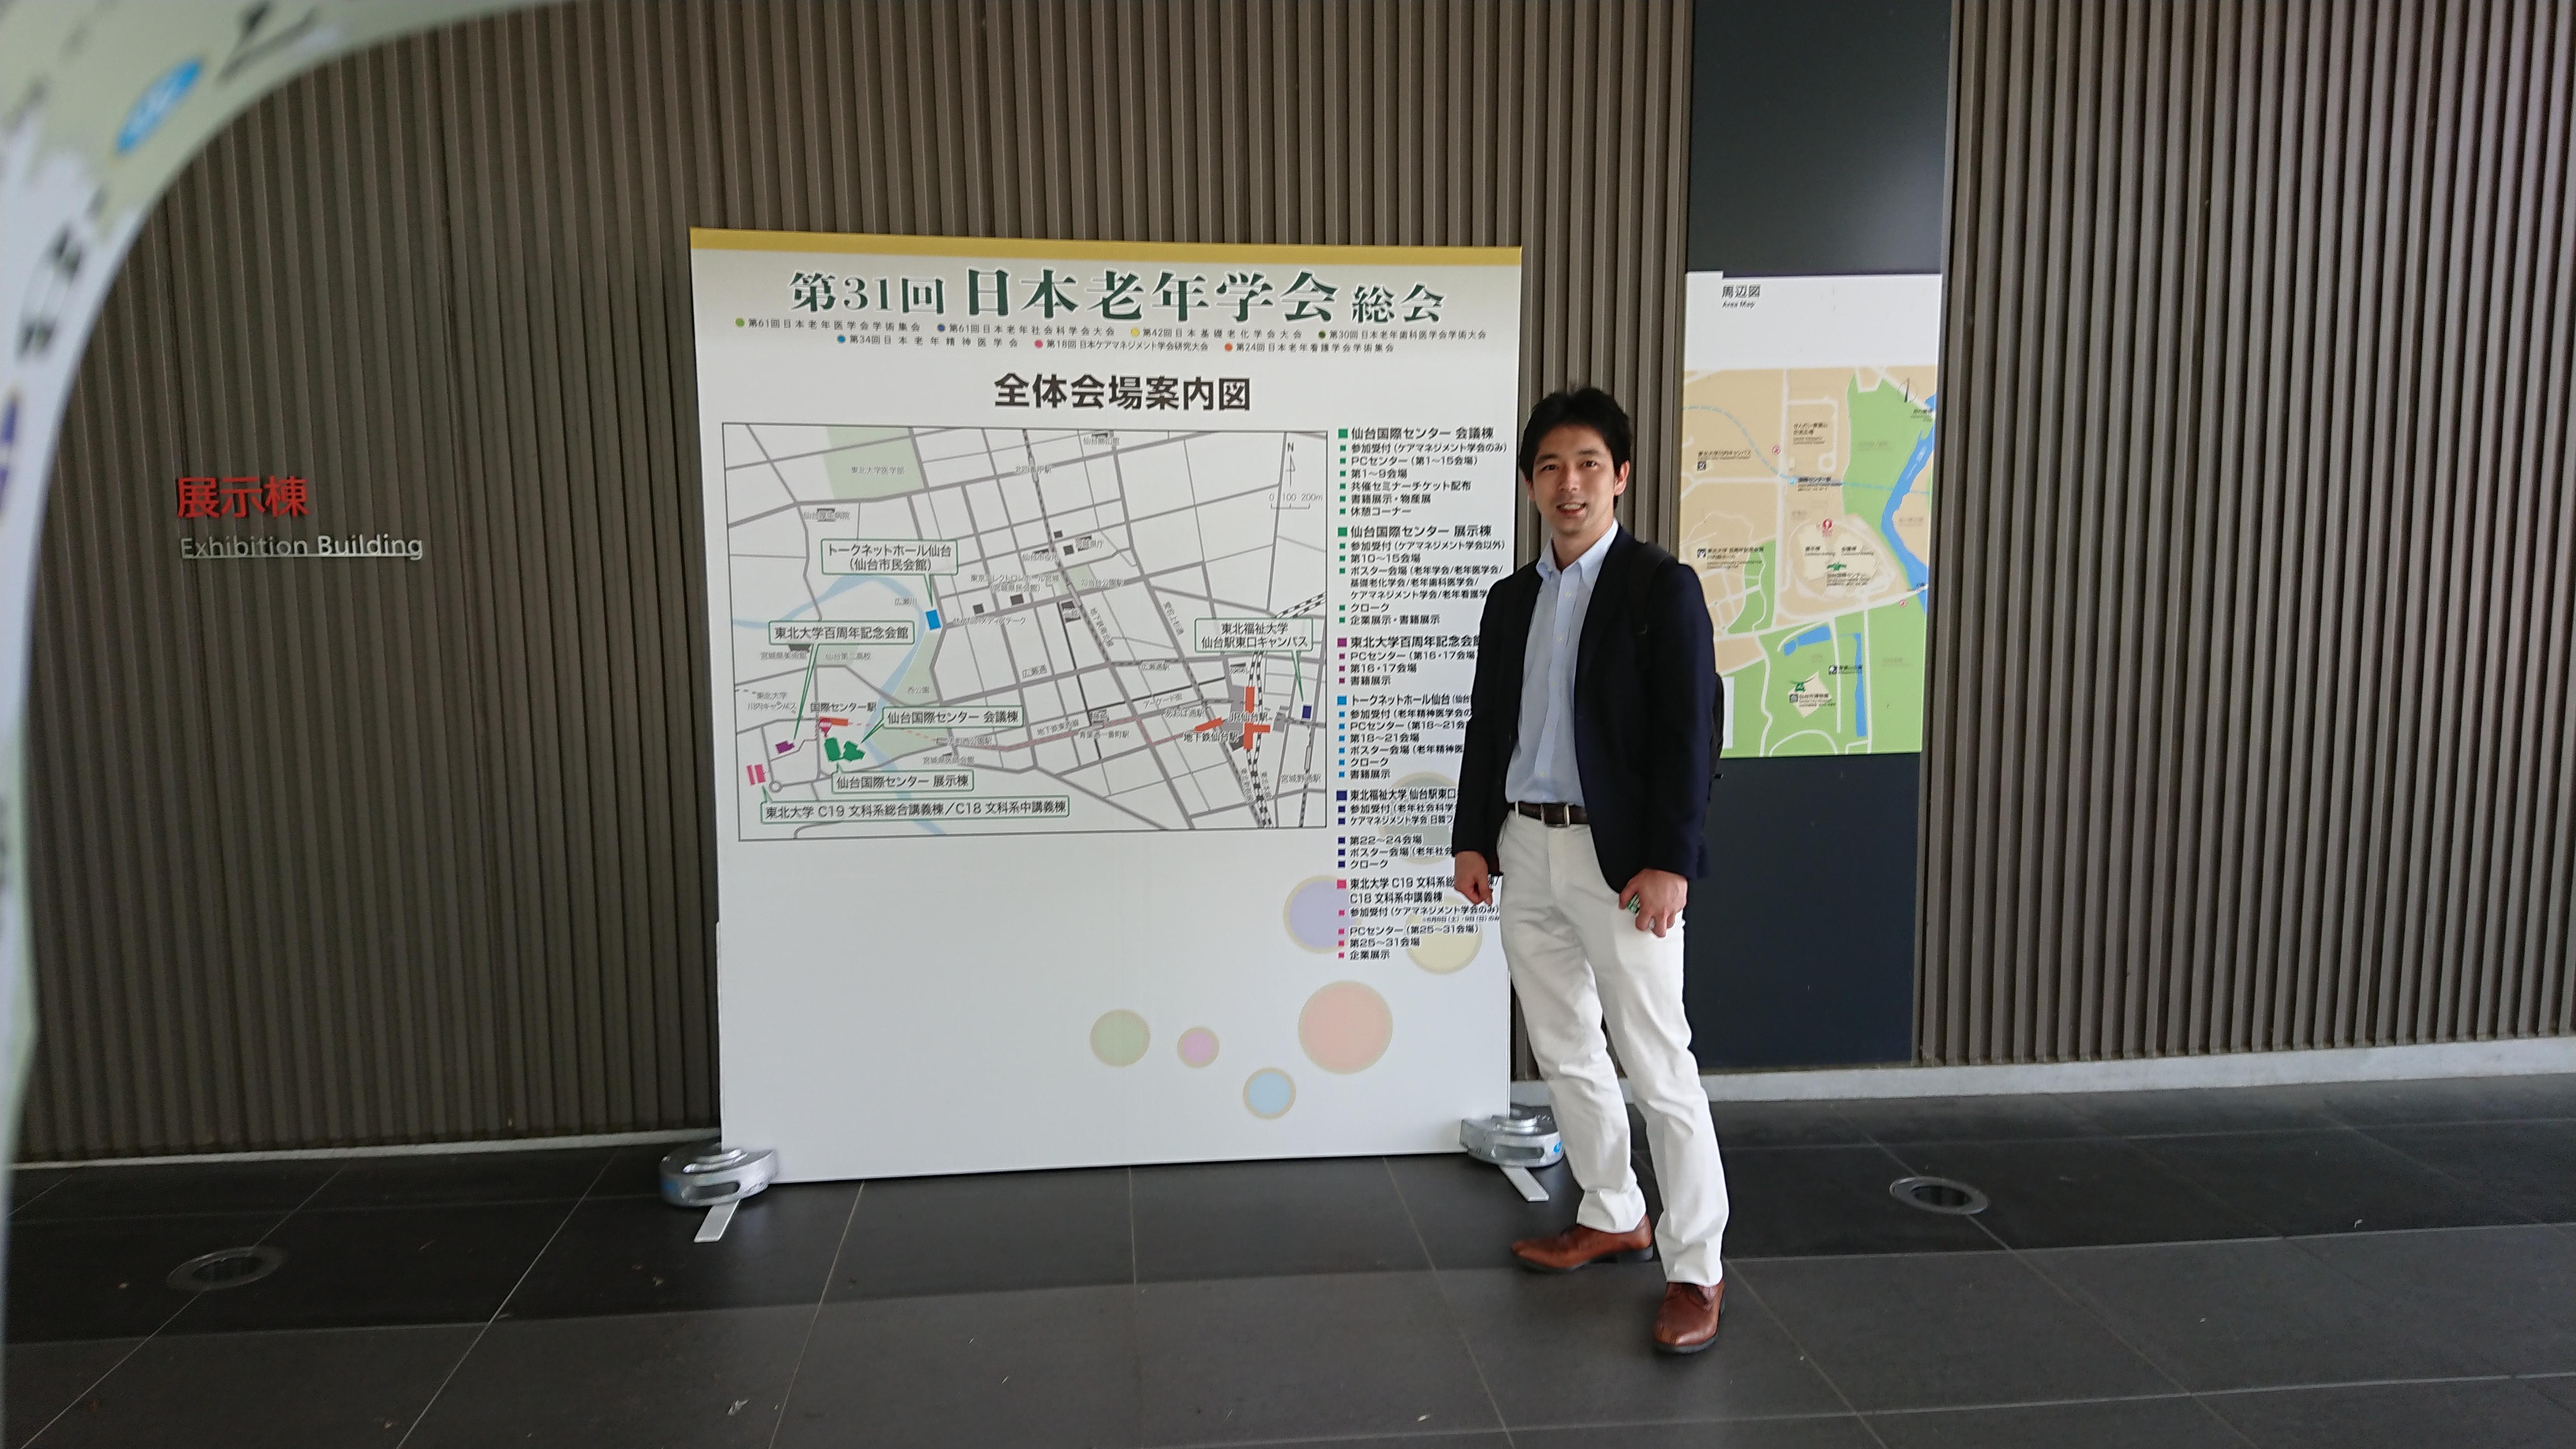 老年歯科医学会 in 仙台 | 横浜セントラルパーク歯科